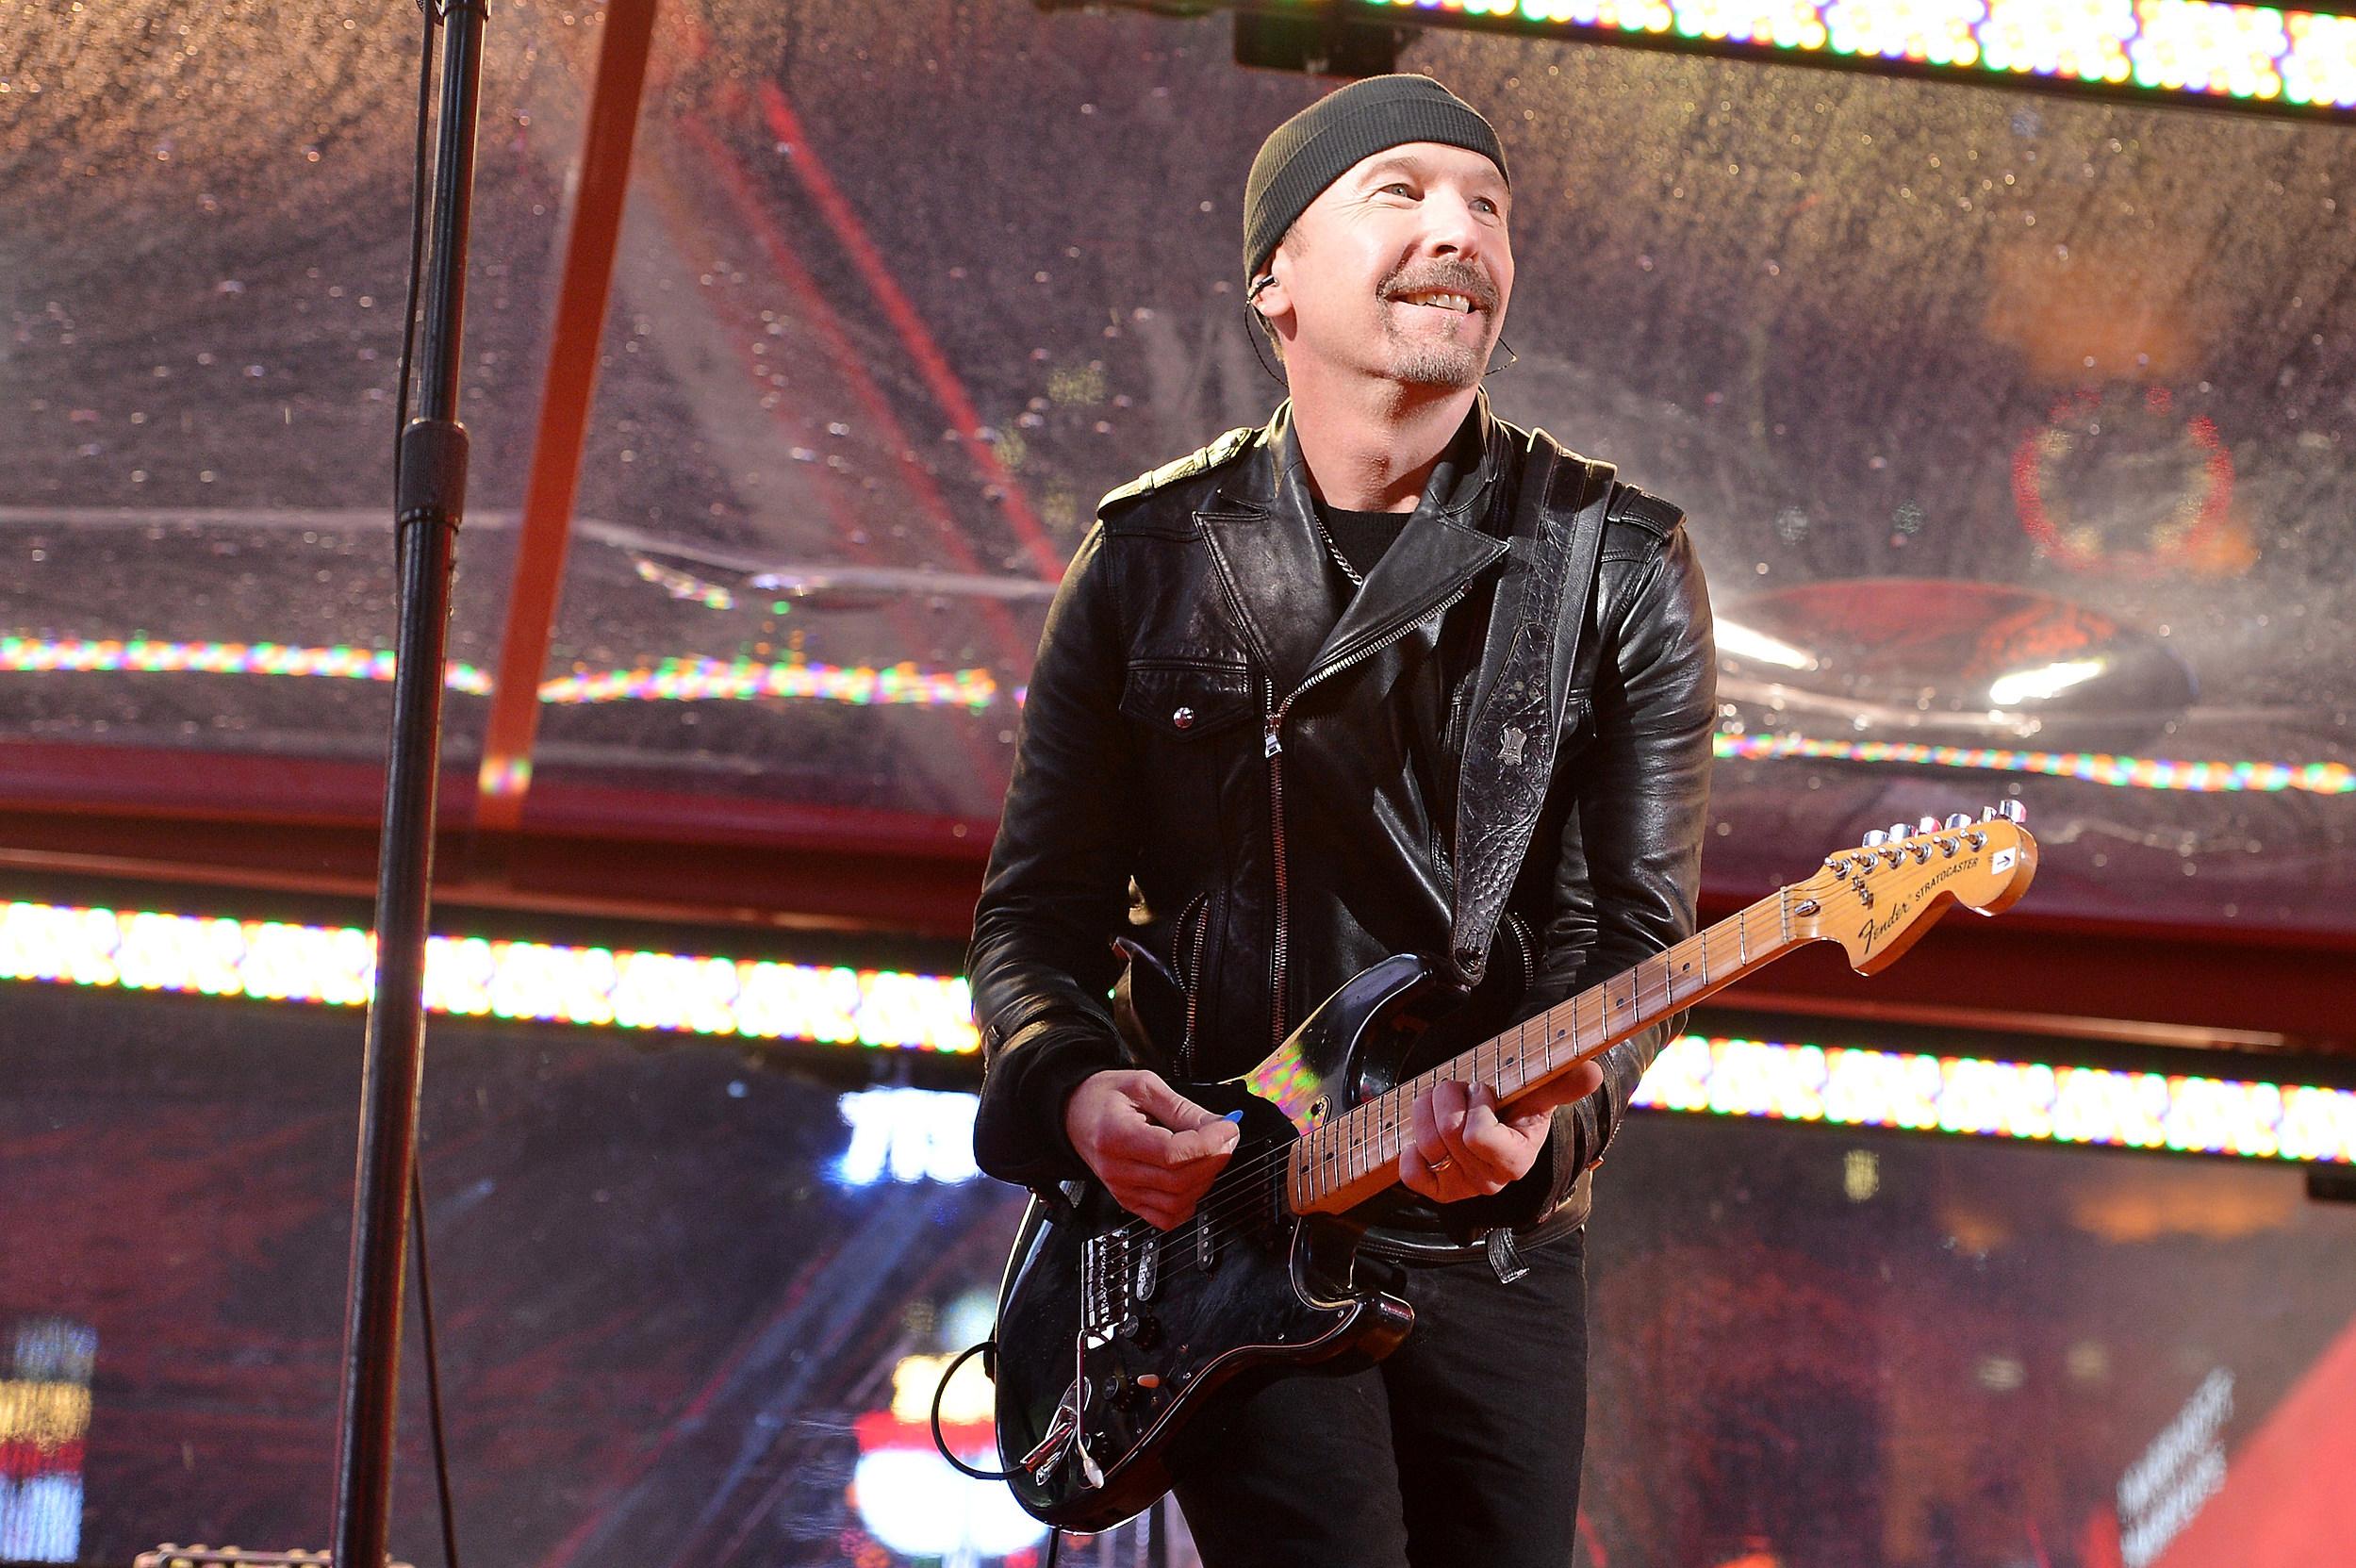 U2/The Edge